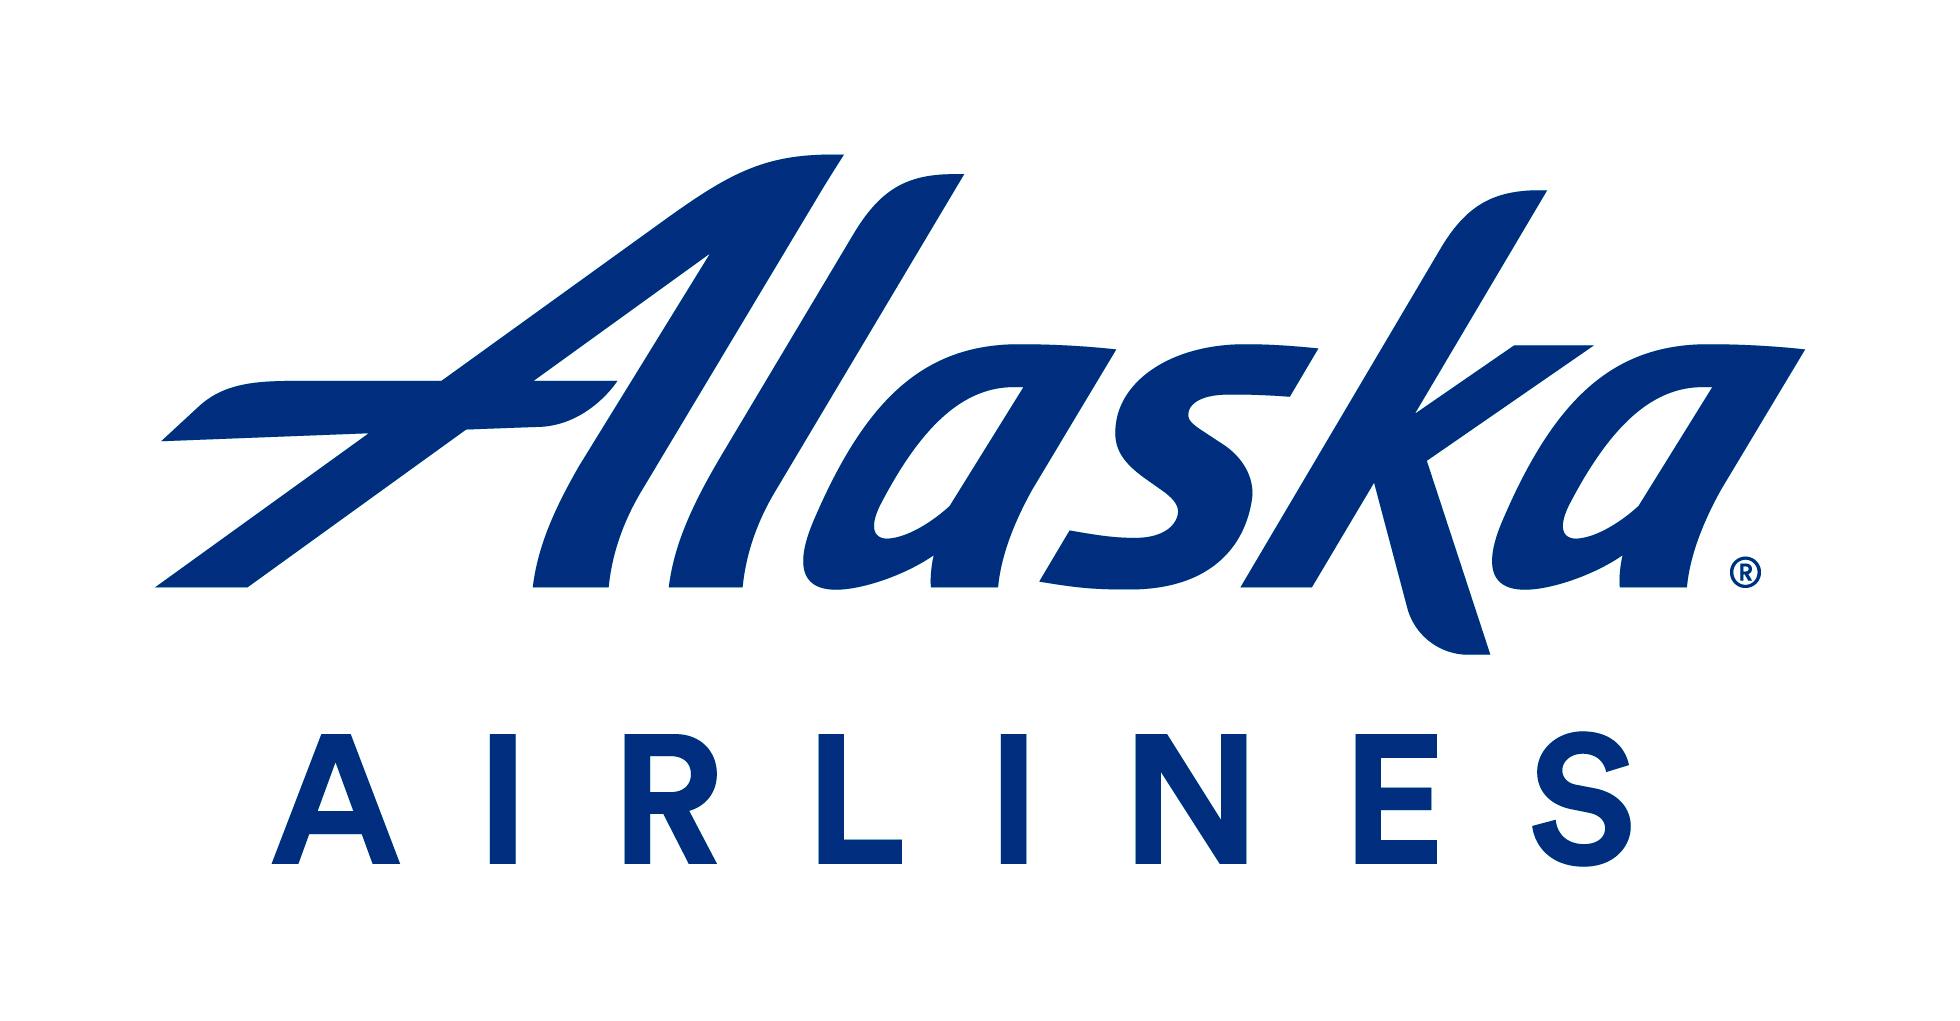 Alaska Airlines logo.JPG